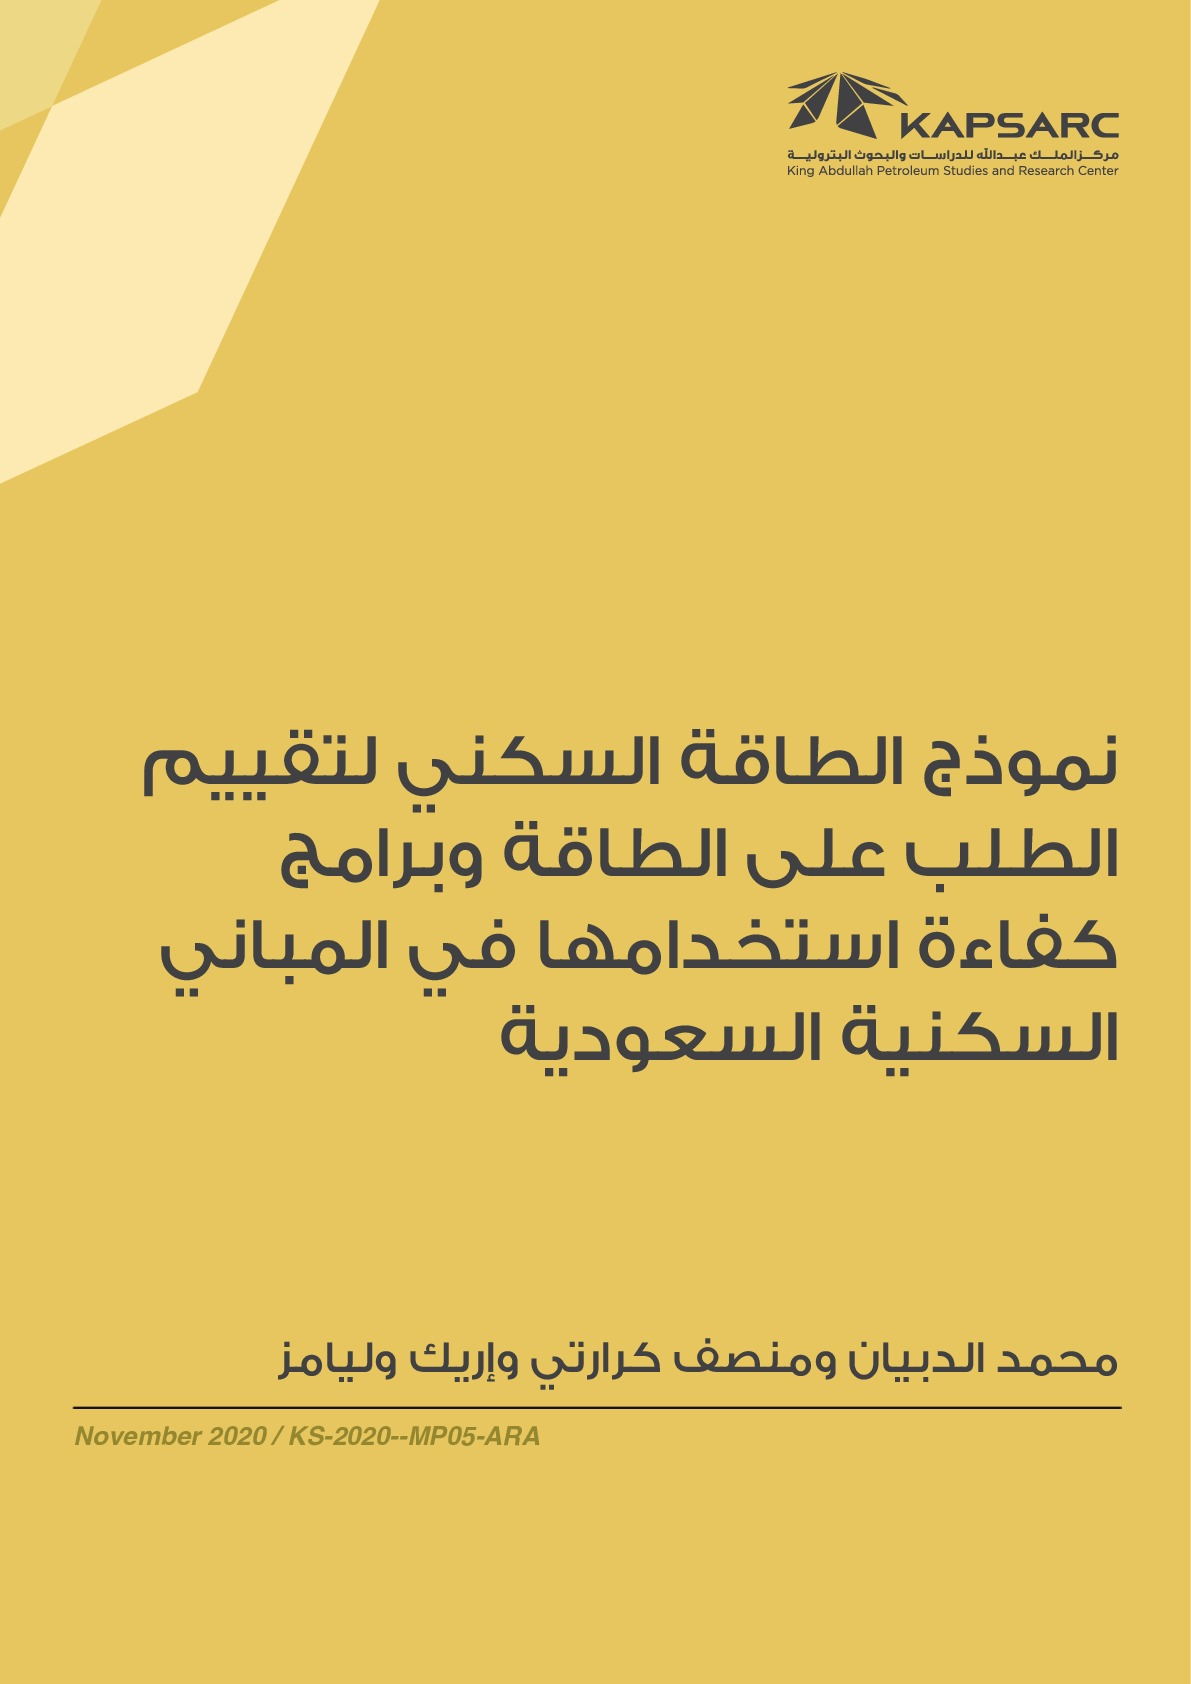 نموذج الطاقة السكنيّ لتقييم الطلب على الطاقة وبرامج كفاءة استخدامها في المباني السكنية السعودية